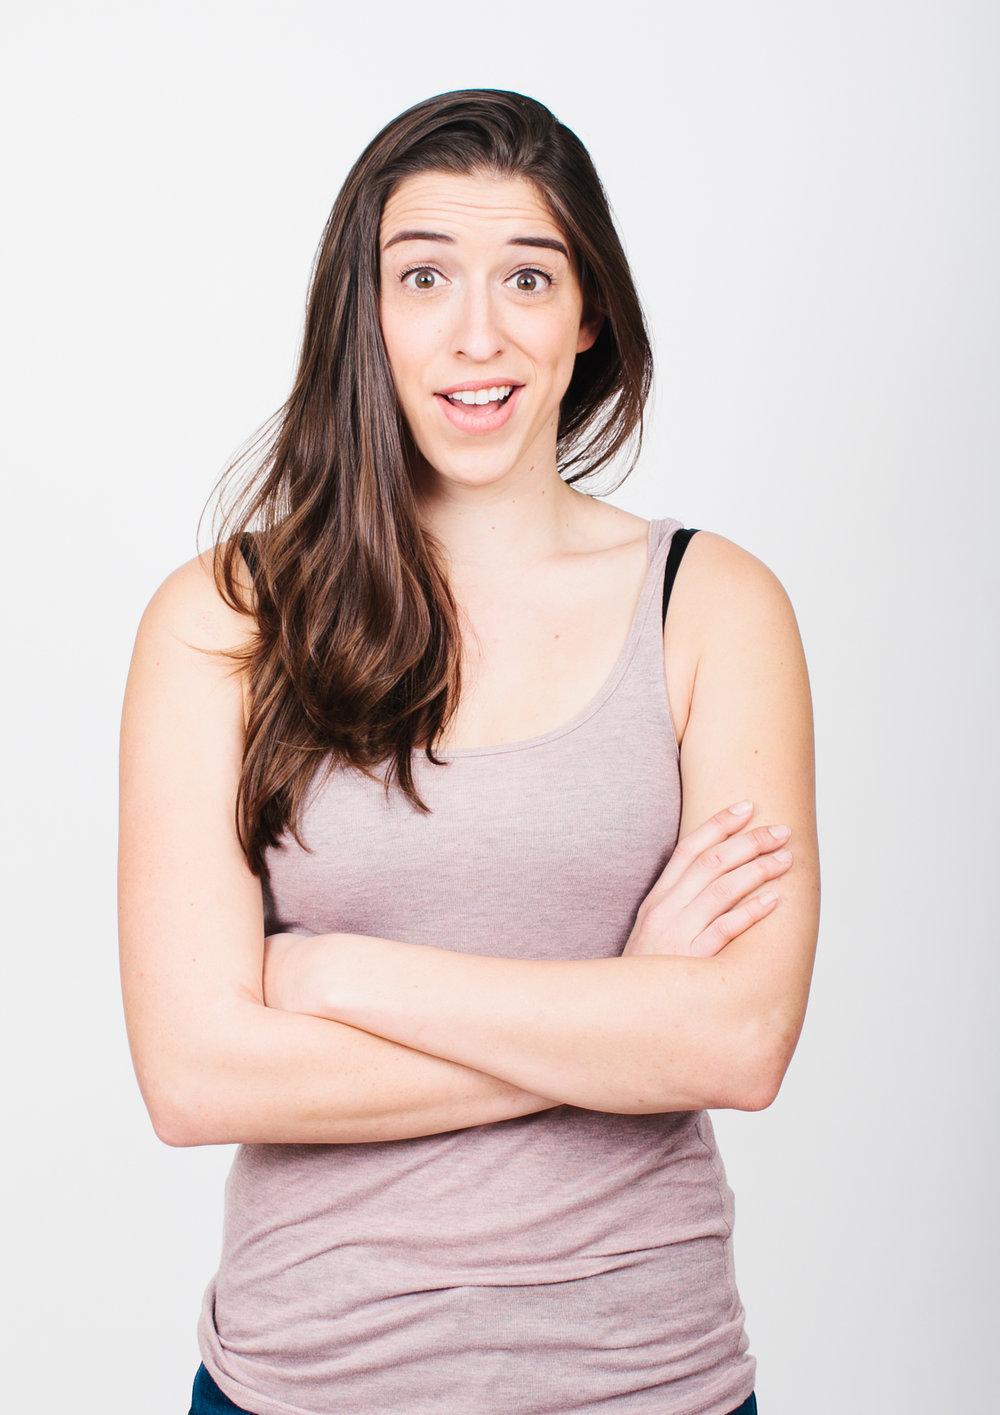 Rachel Ballinger Pic 2 - USE.jpg